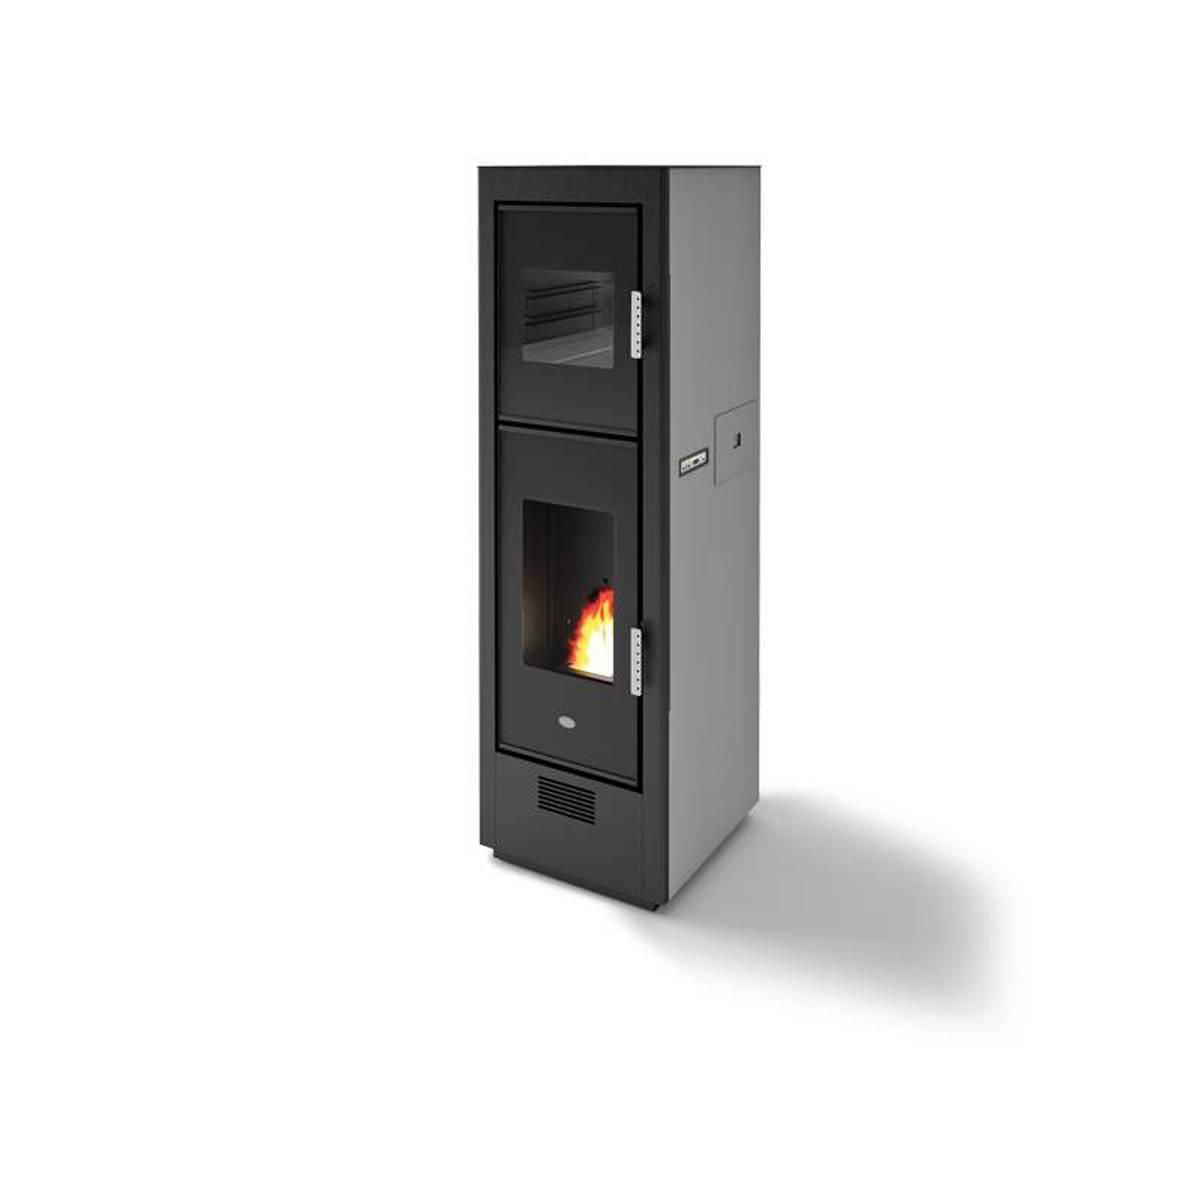 Stufa pellet eva cal r biscotto 8 5kw ventilata con forno in acciaio verniciato quaranta store - Stufa pellet con forno ...